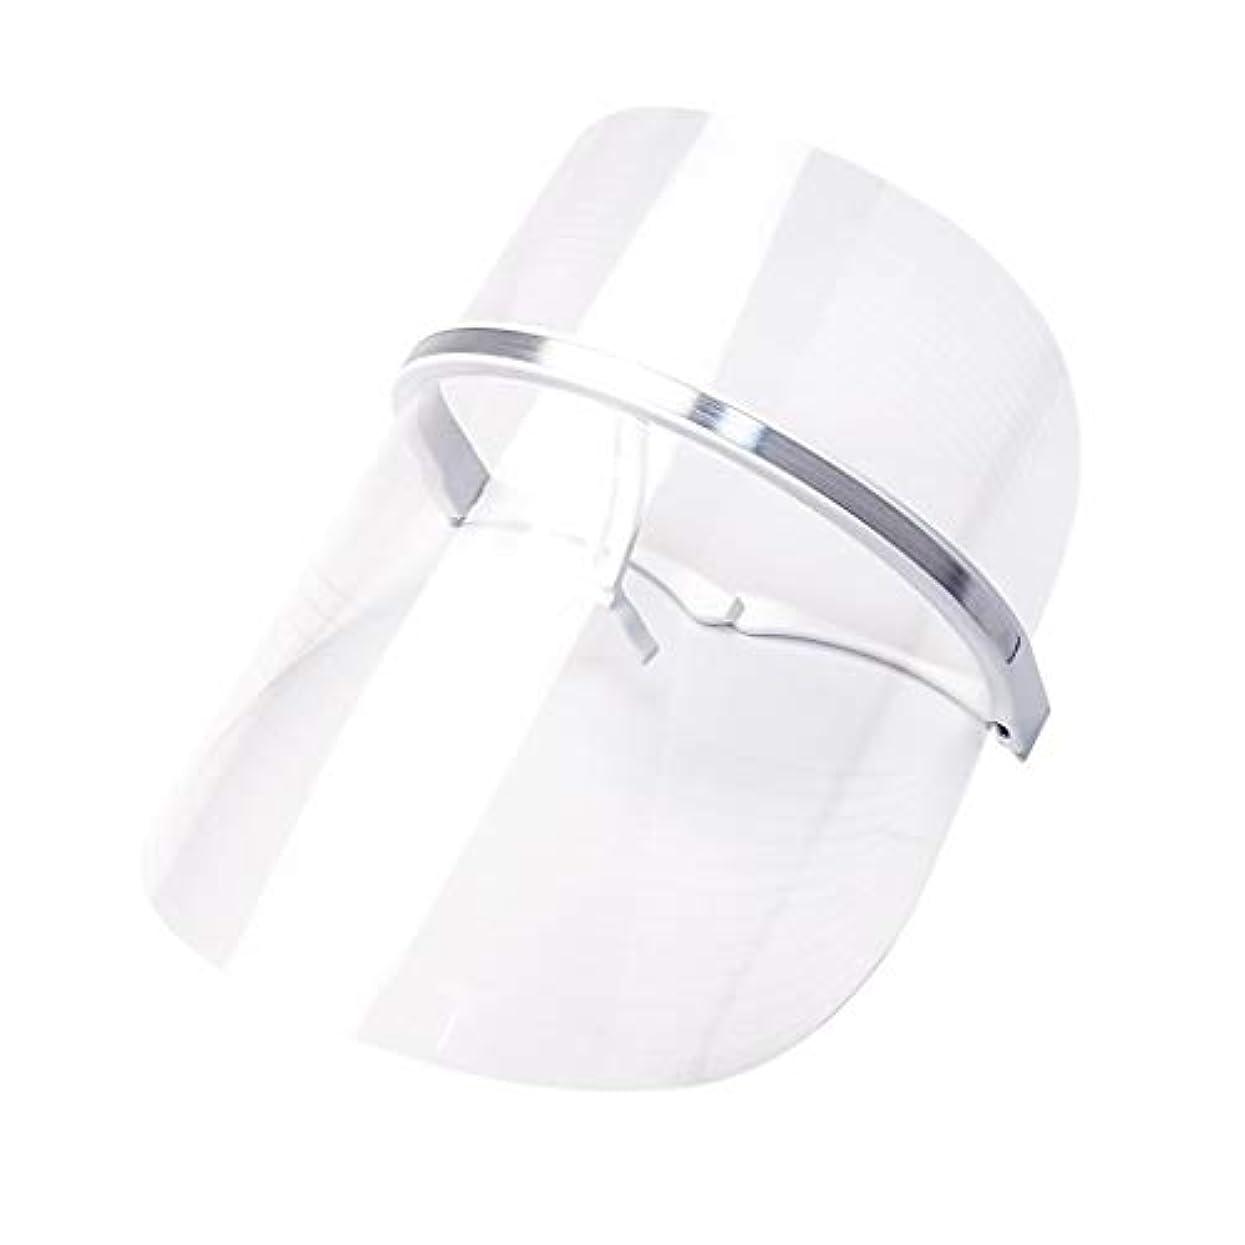 溢れんばかりの帝国非常にライトセラピー?マスク、LEDライトセラピーマスクスキンケアフェイシャルマスクセラピー3色アンチエイジングライトセラピーアクネスキンファーミングディープリペアマスク (Color : Clear)